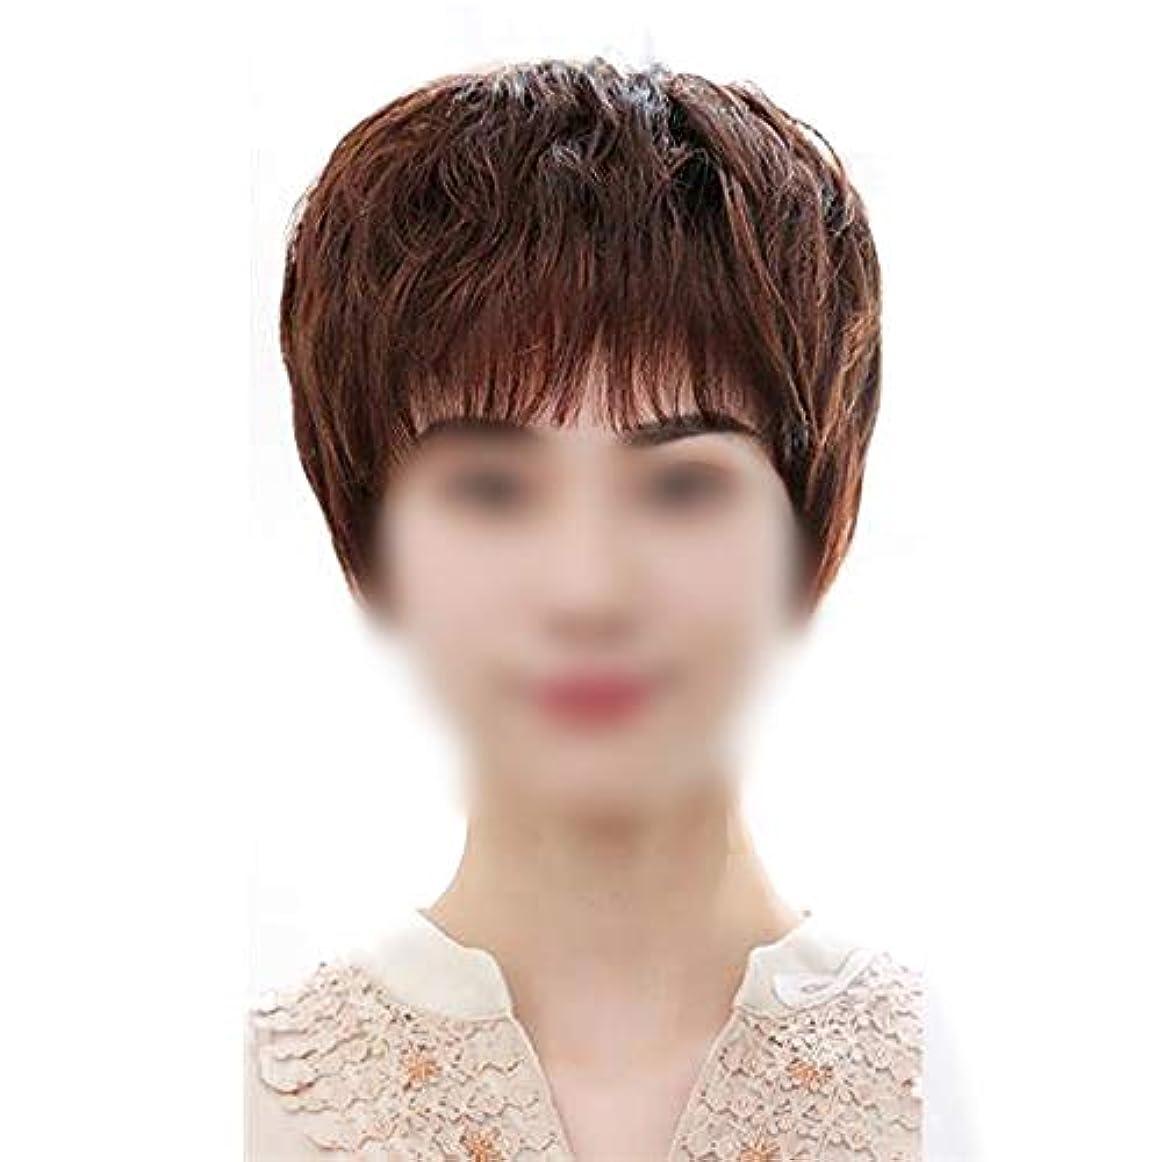 ジュニア欺く害虫YOUQIU 前髪のフル手織りファッション中年ウィッグウィッグでヒトの毛髪の女子ショートカーリーヘアのフル (色 : Dark brown)